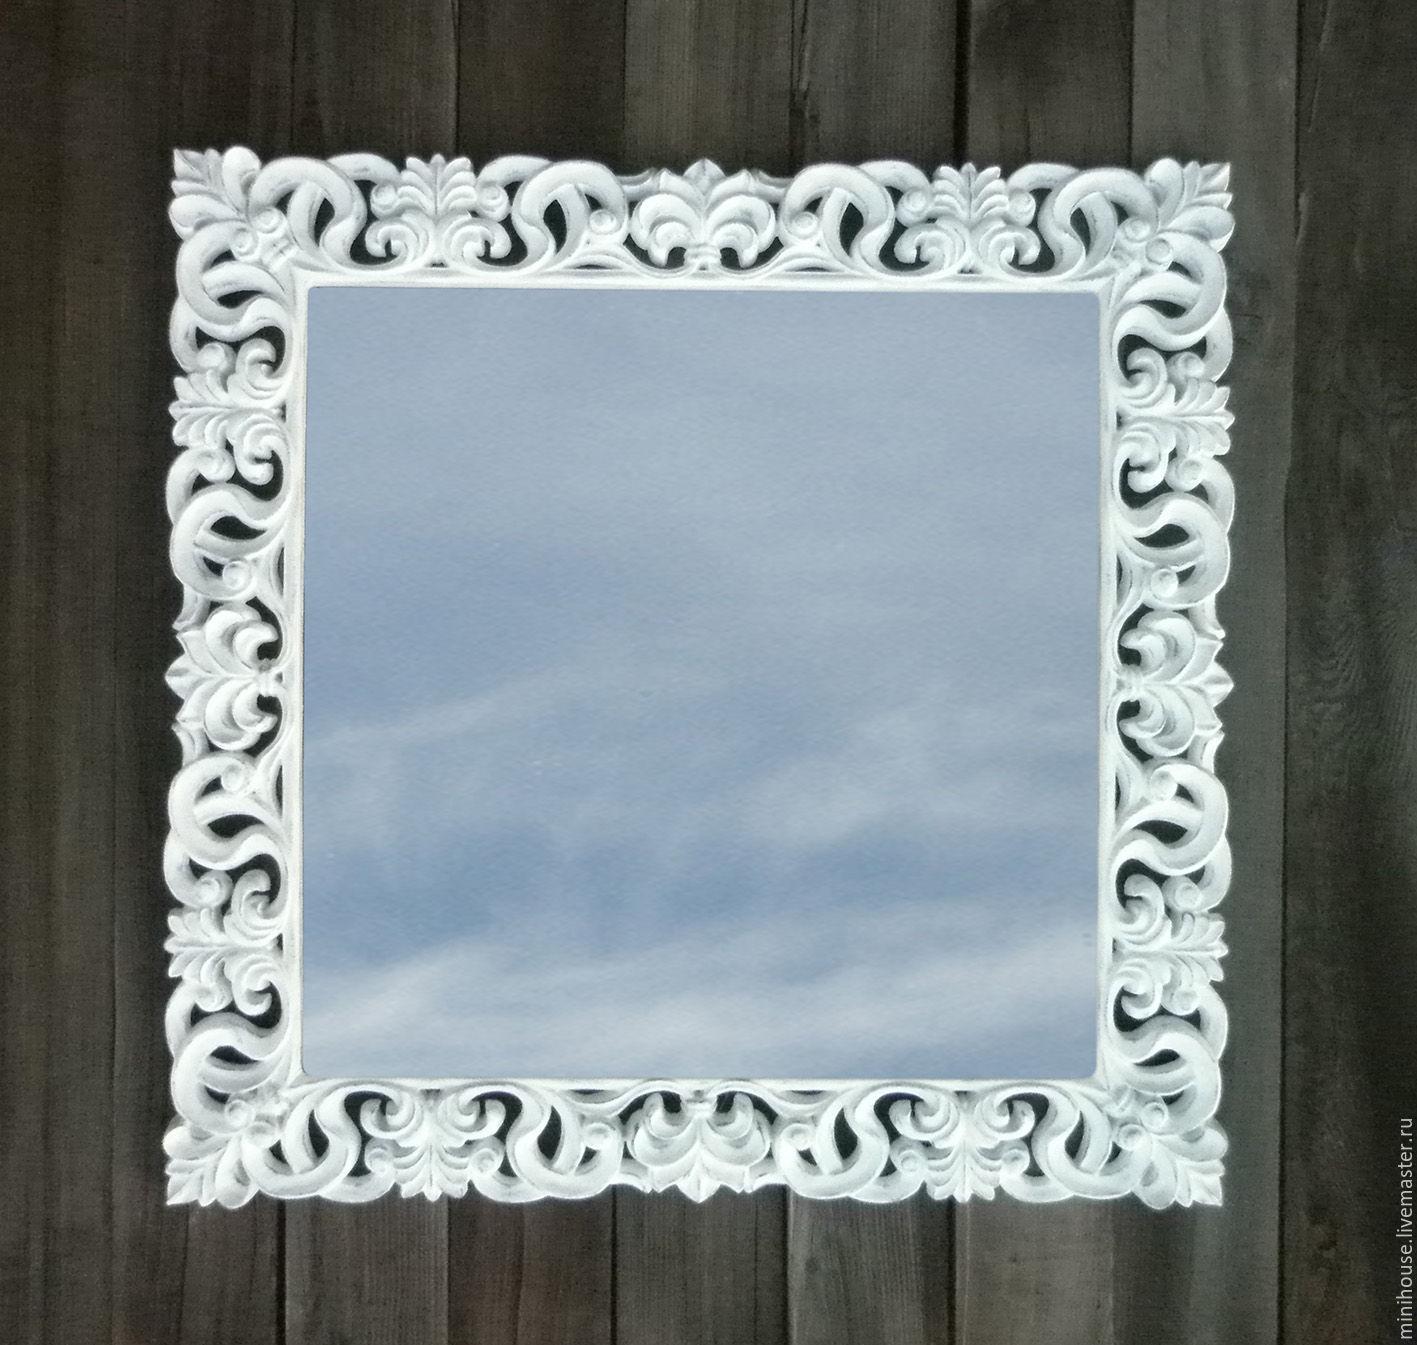 Зеркало в деревянной раме, стиль прованс. Z15a, Зеркала, Абакан,  Фото №1